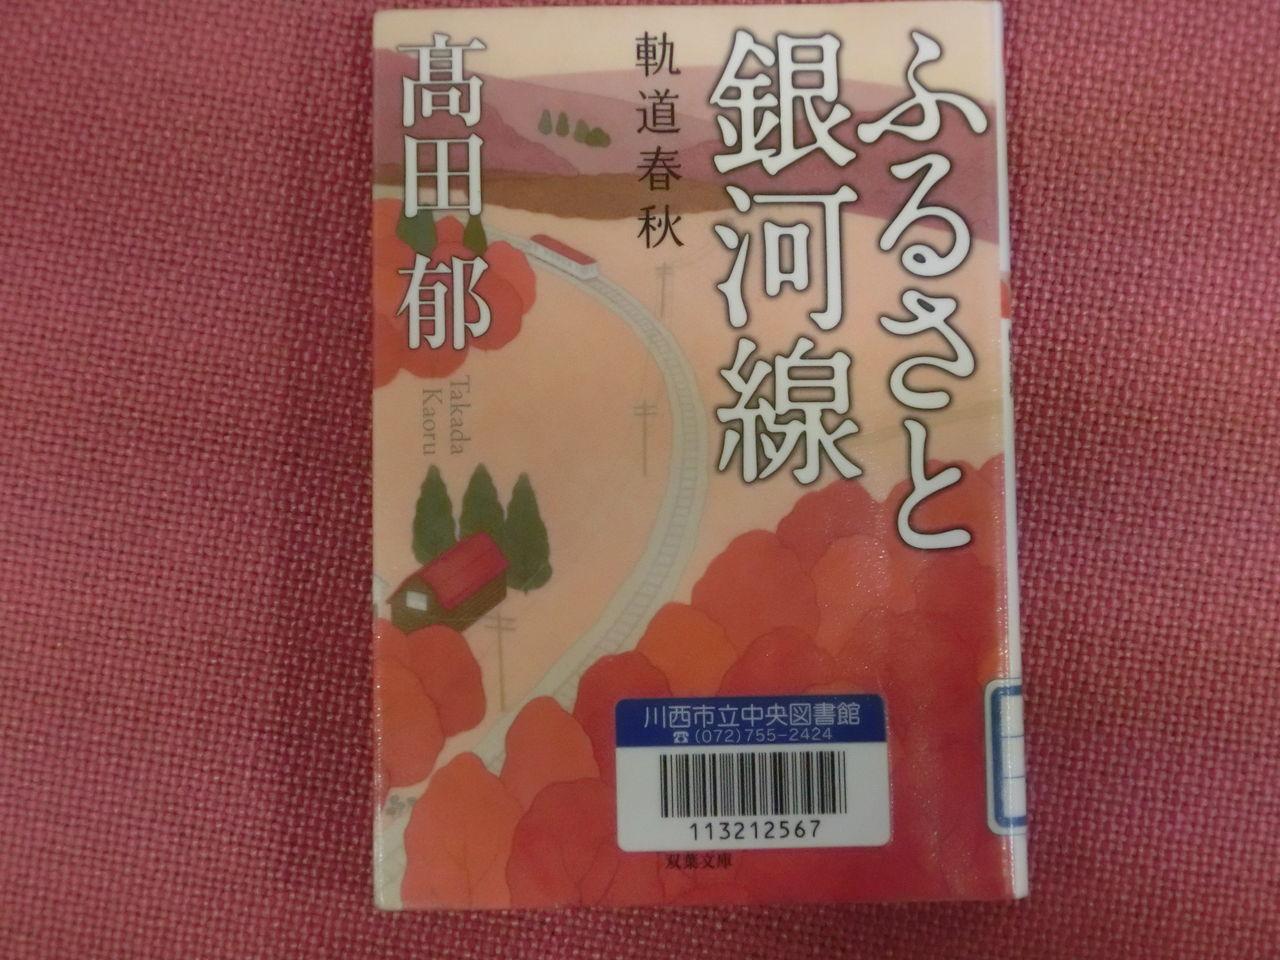 CIMG0759 高田郁(たかだかおる)著の「ふるさと銀河線」この本は、九つの短編が入って...